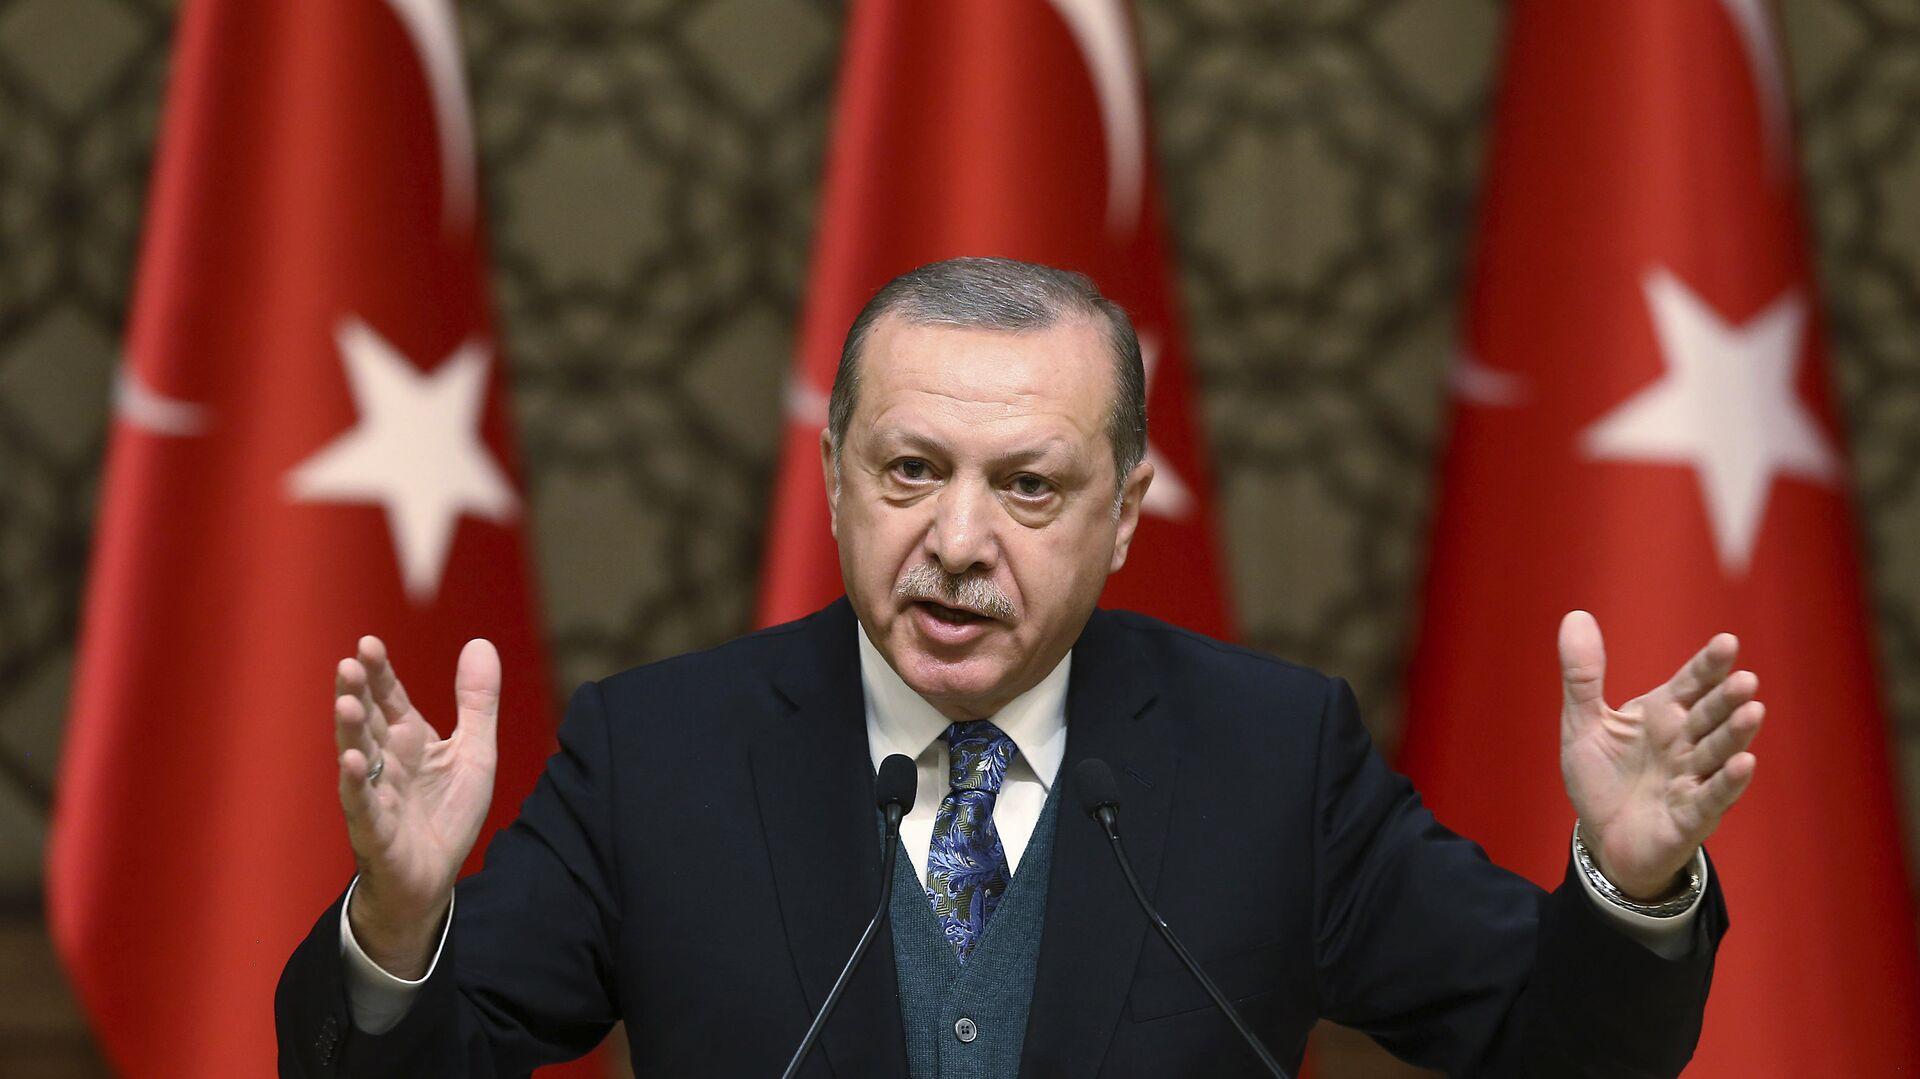 El presidente de Turquía, Recep Tayyip Erdogan, habla durante una ceremonia de premios culturales en Ankara, Turquía - Sputnik Mundo, 1920, 31.03.2021